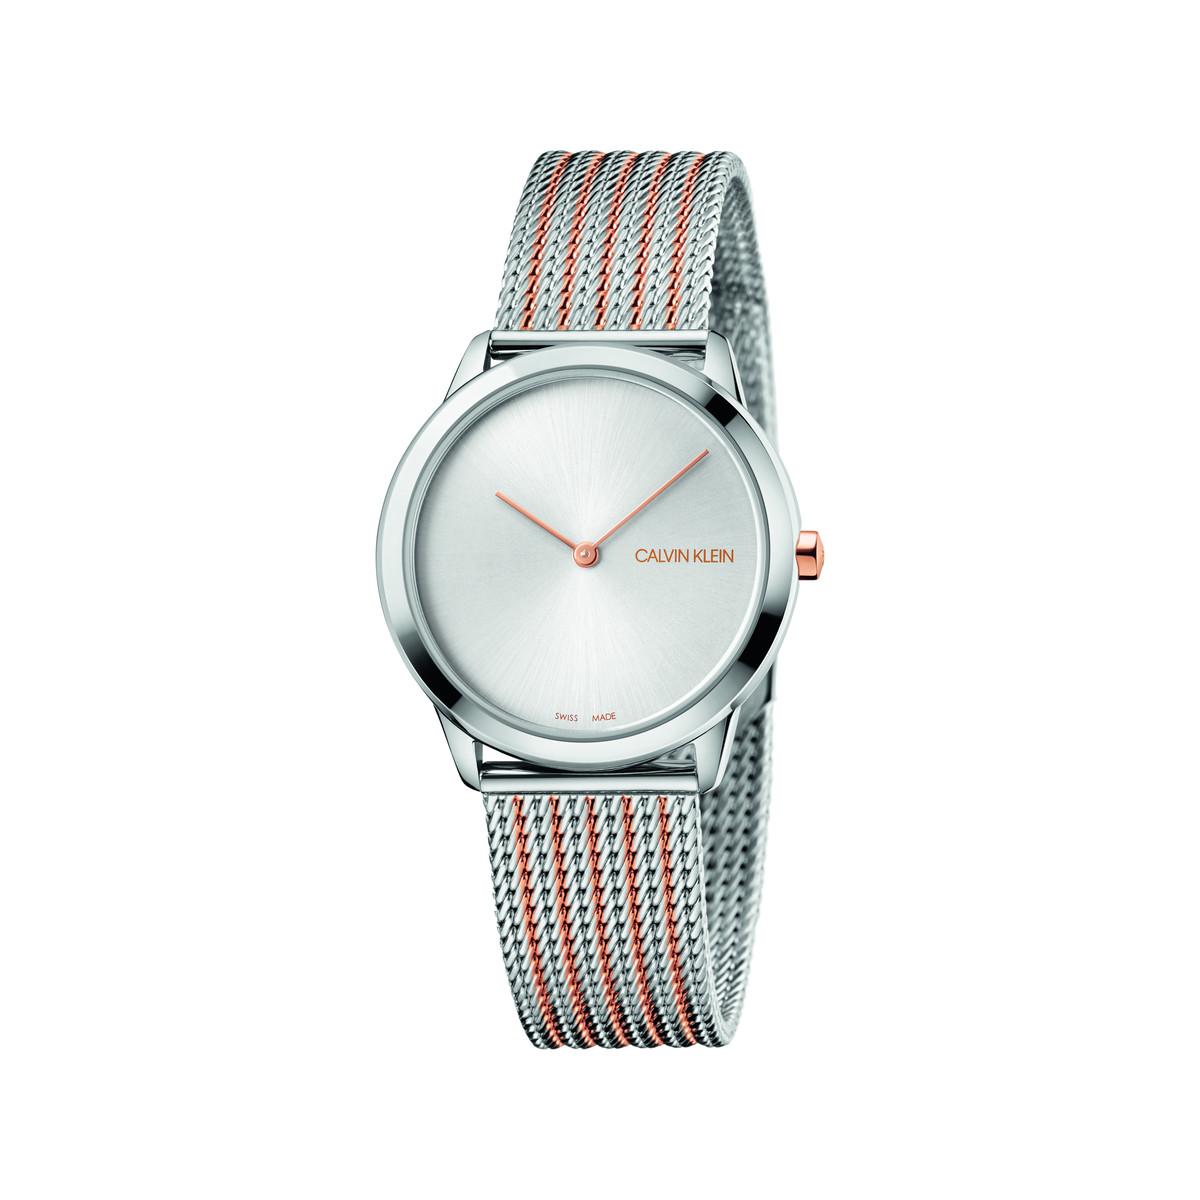 sélection premium 08fb4 dd741 Montre Calvin Klein femme milanais acier bicolore